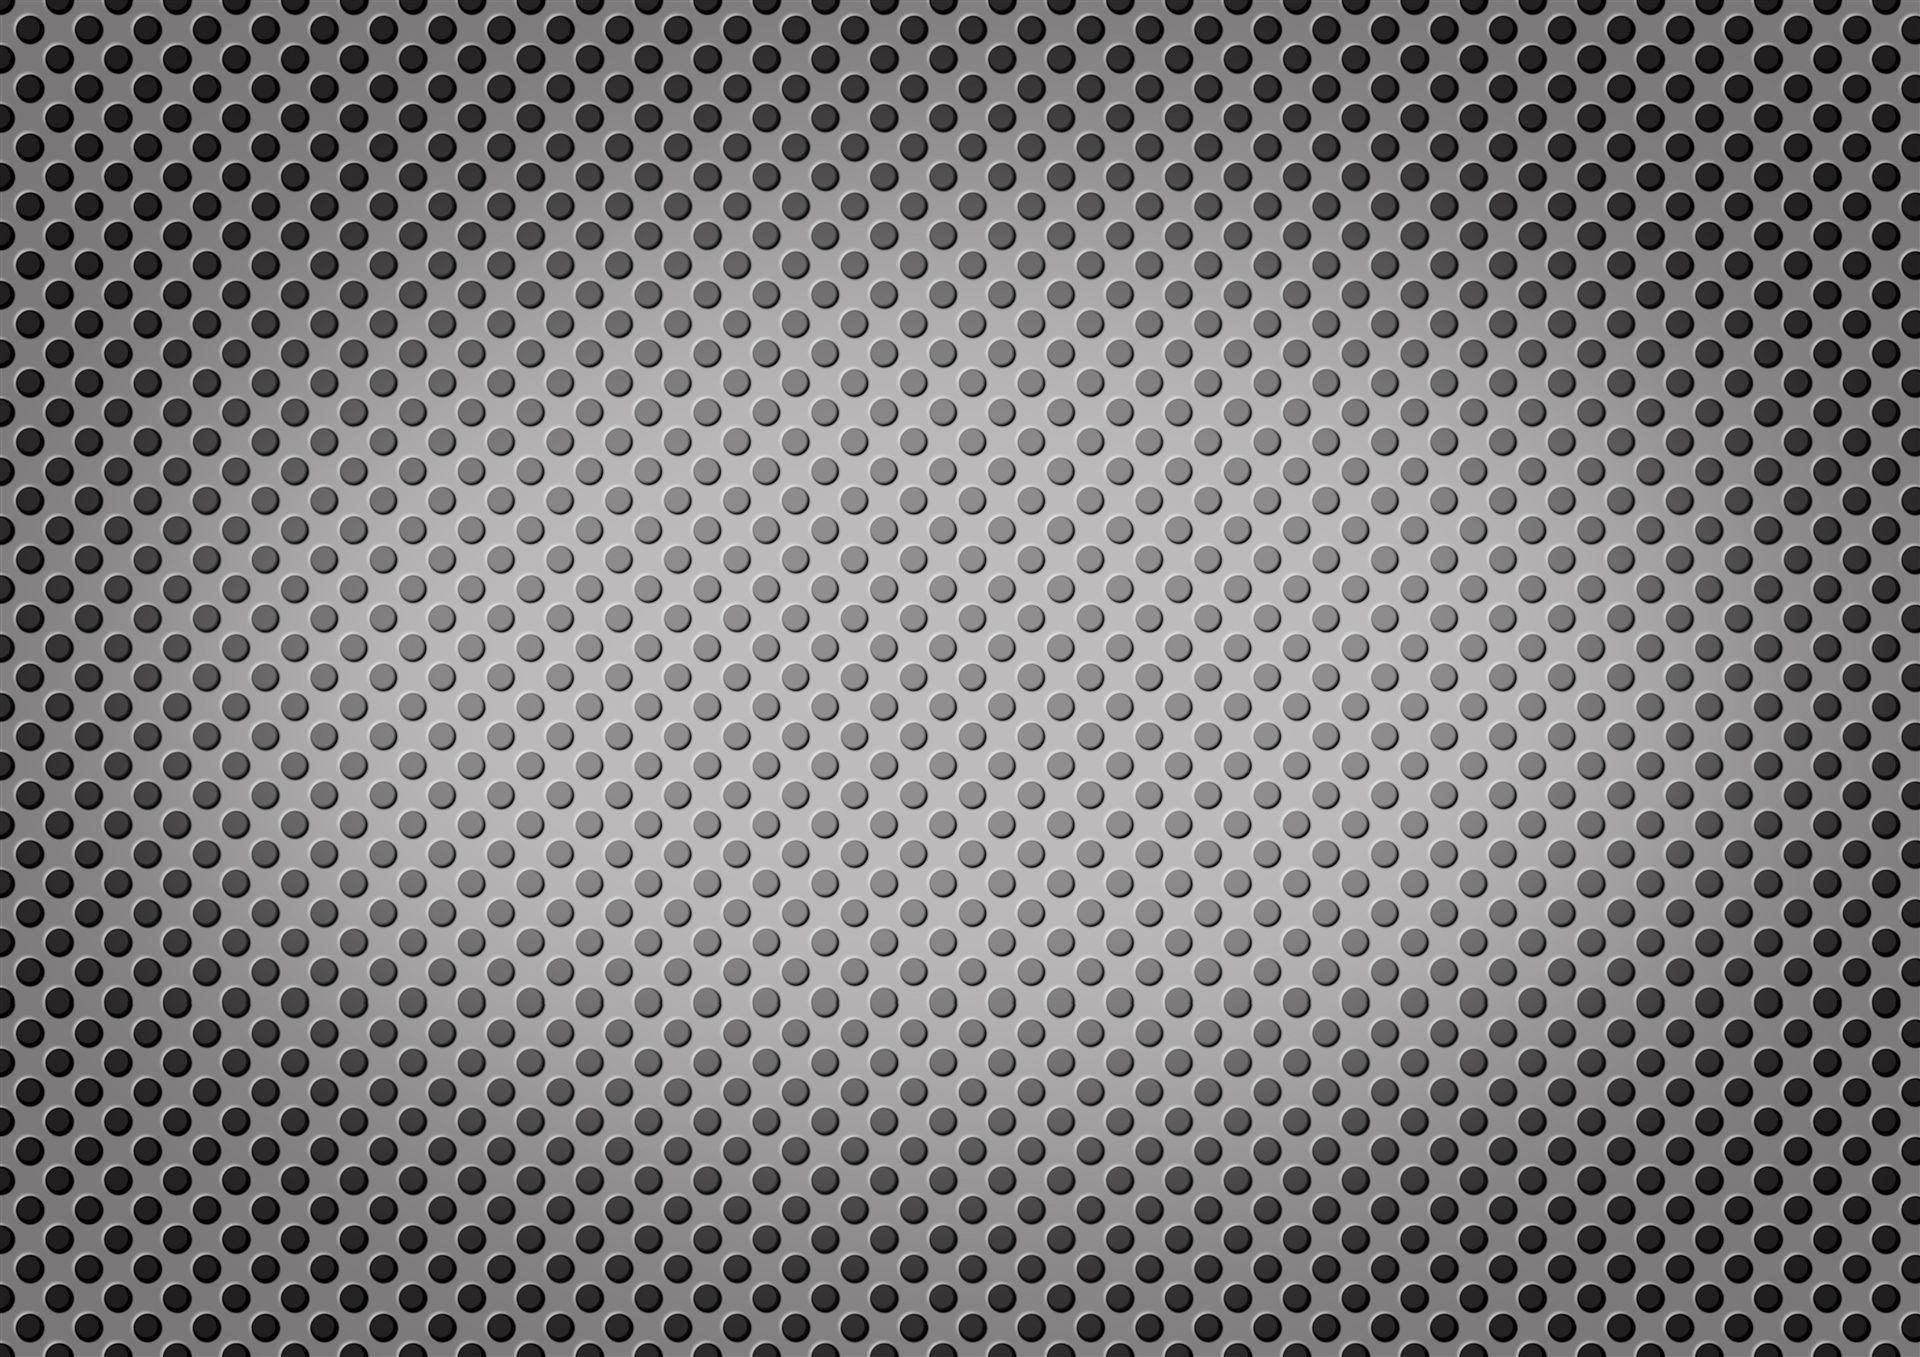 Tapete Metall, Textur, schwarz